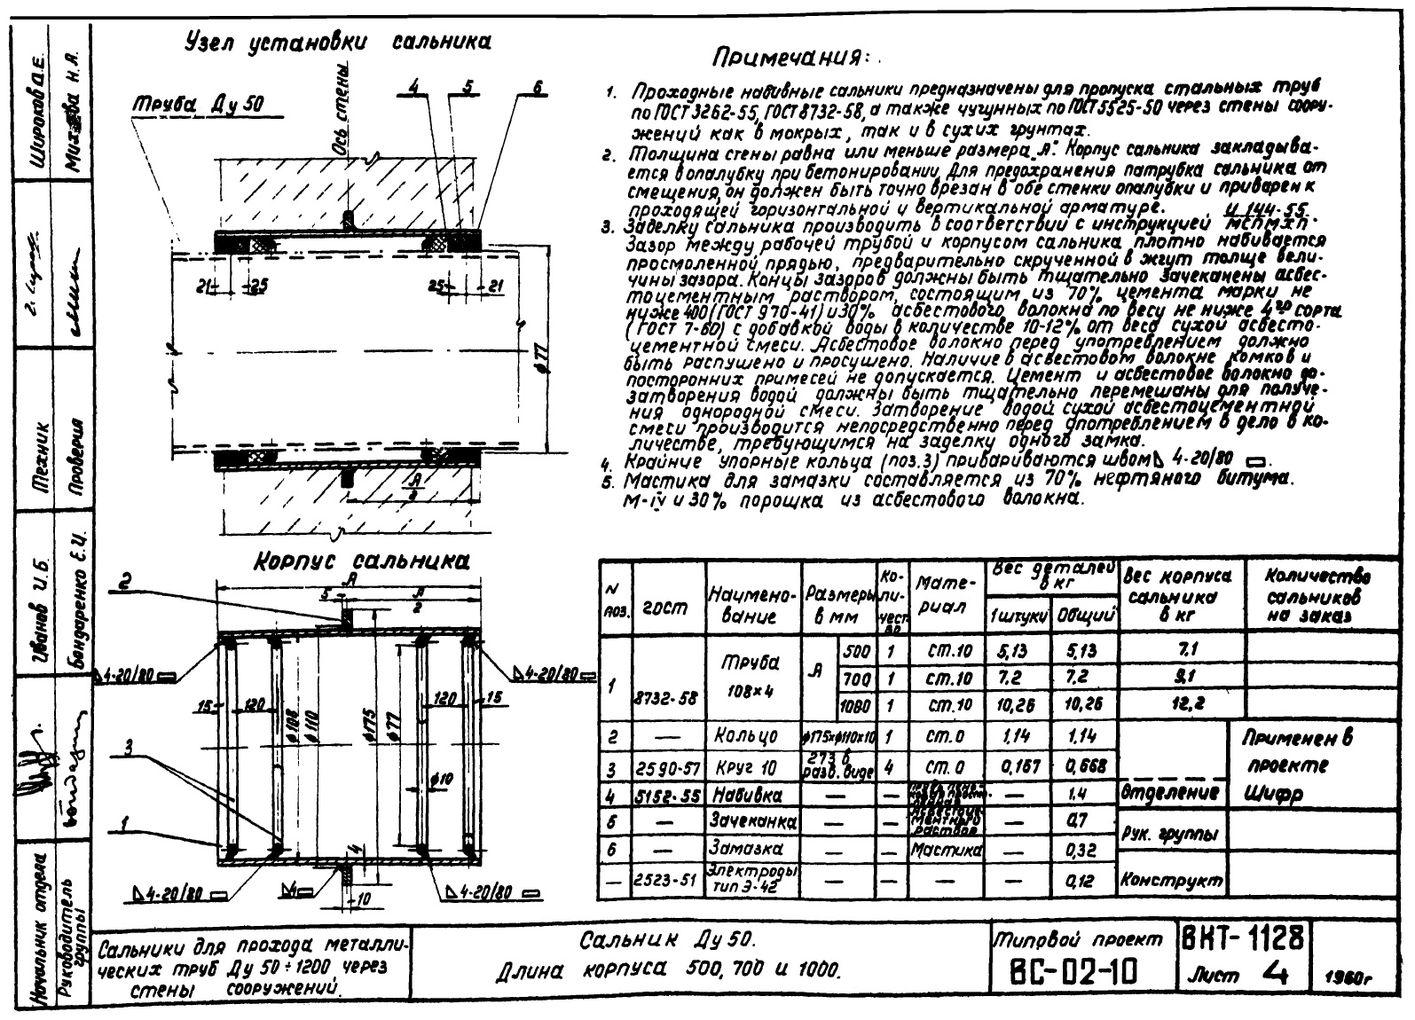 Сальники набивные L = 500 мм типовой проект ВС-02-10 стр.1